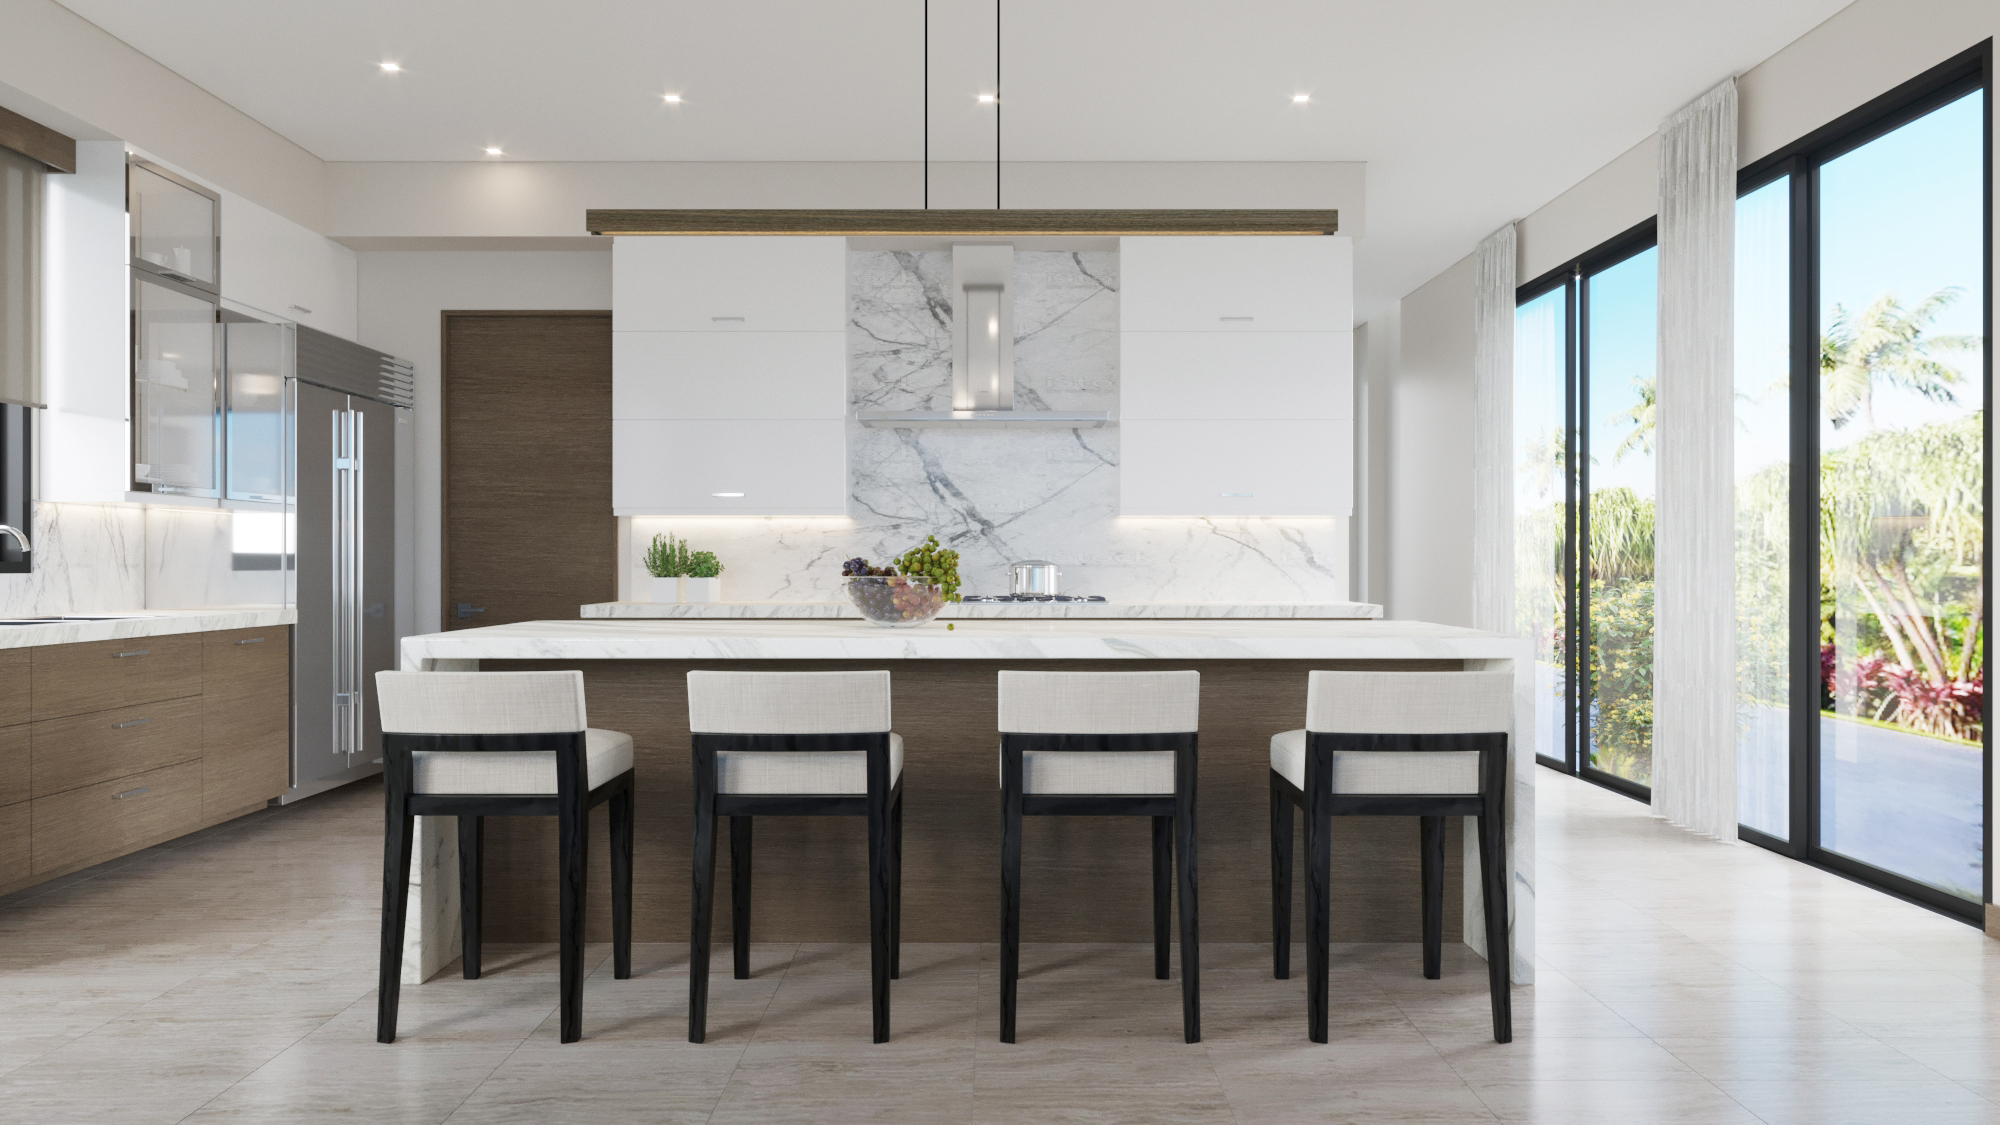 MAIN LEVEL: Kitchen